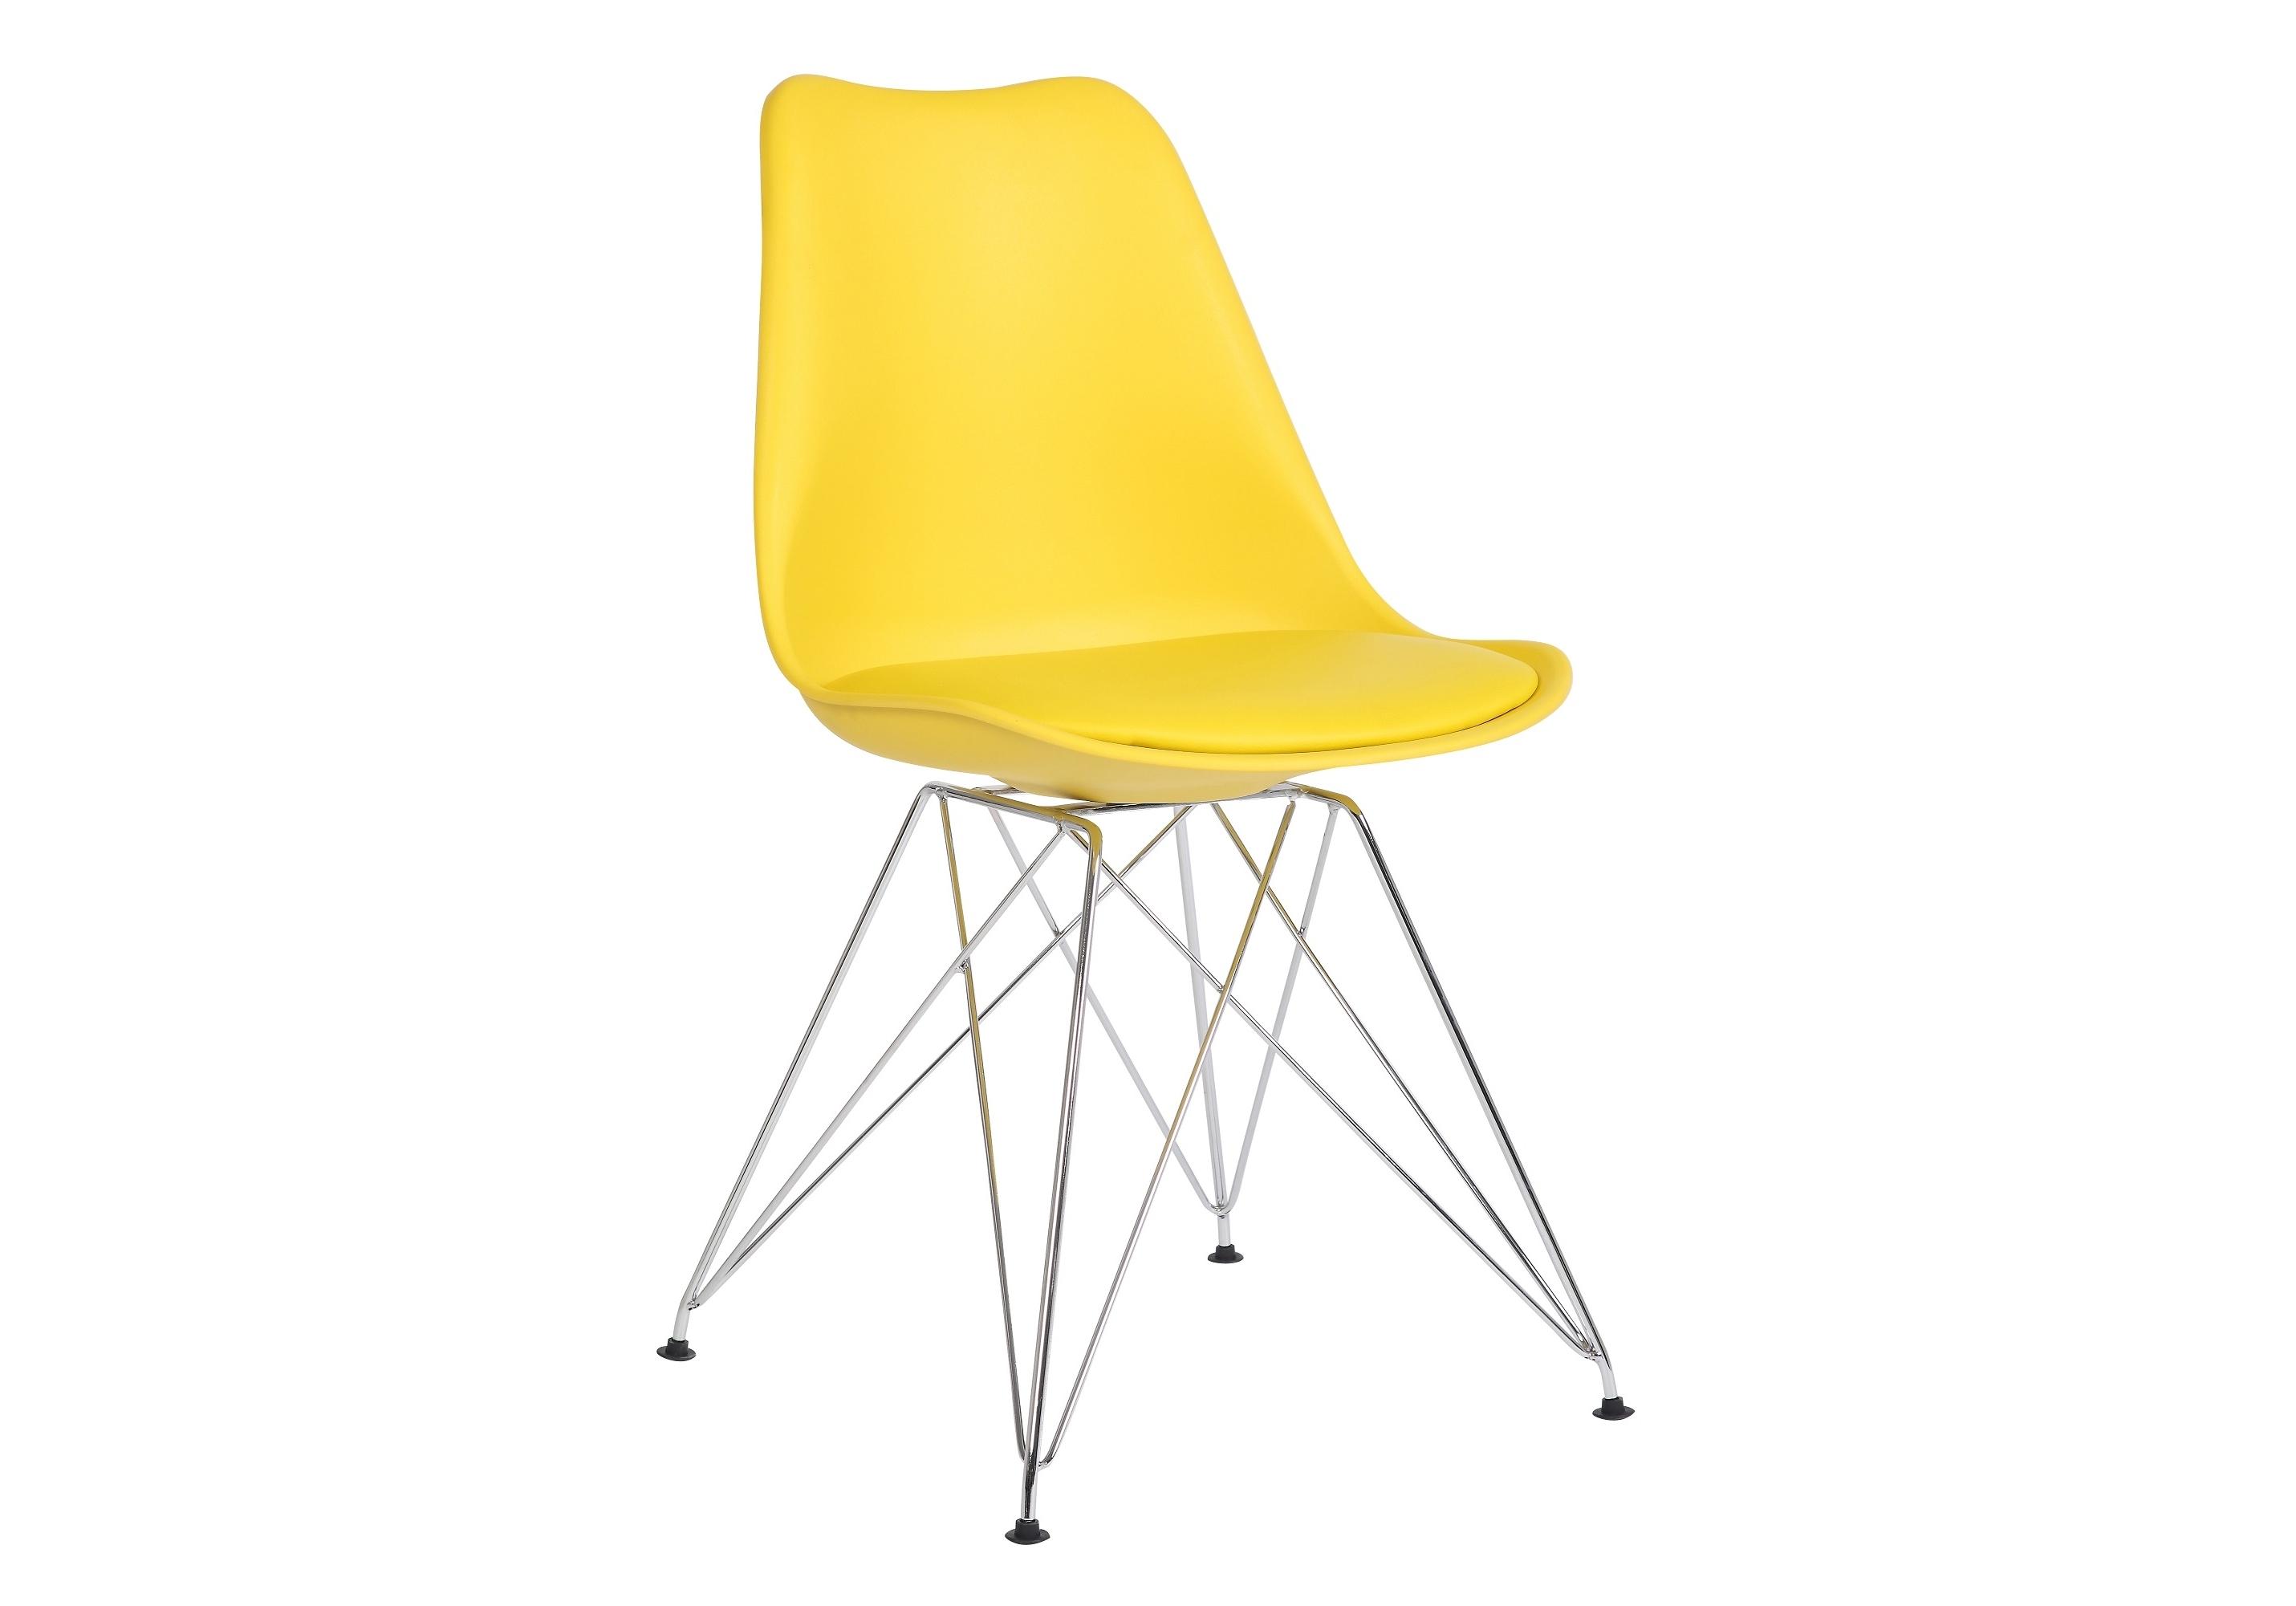 Стул JY18061 желтыйОбеденные стулья<br><br><br>Material: Пластик<br>Width см: 48<br>Depth см: 48<br>Height см: 87